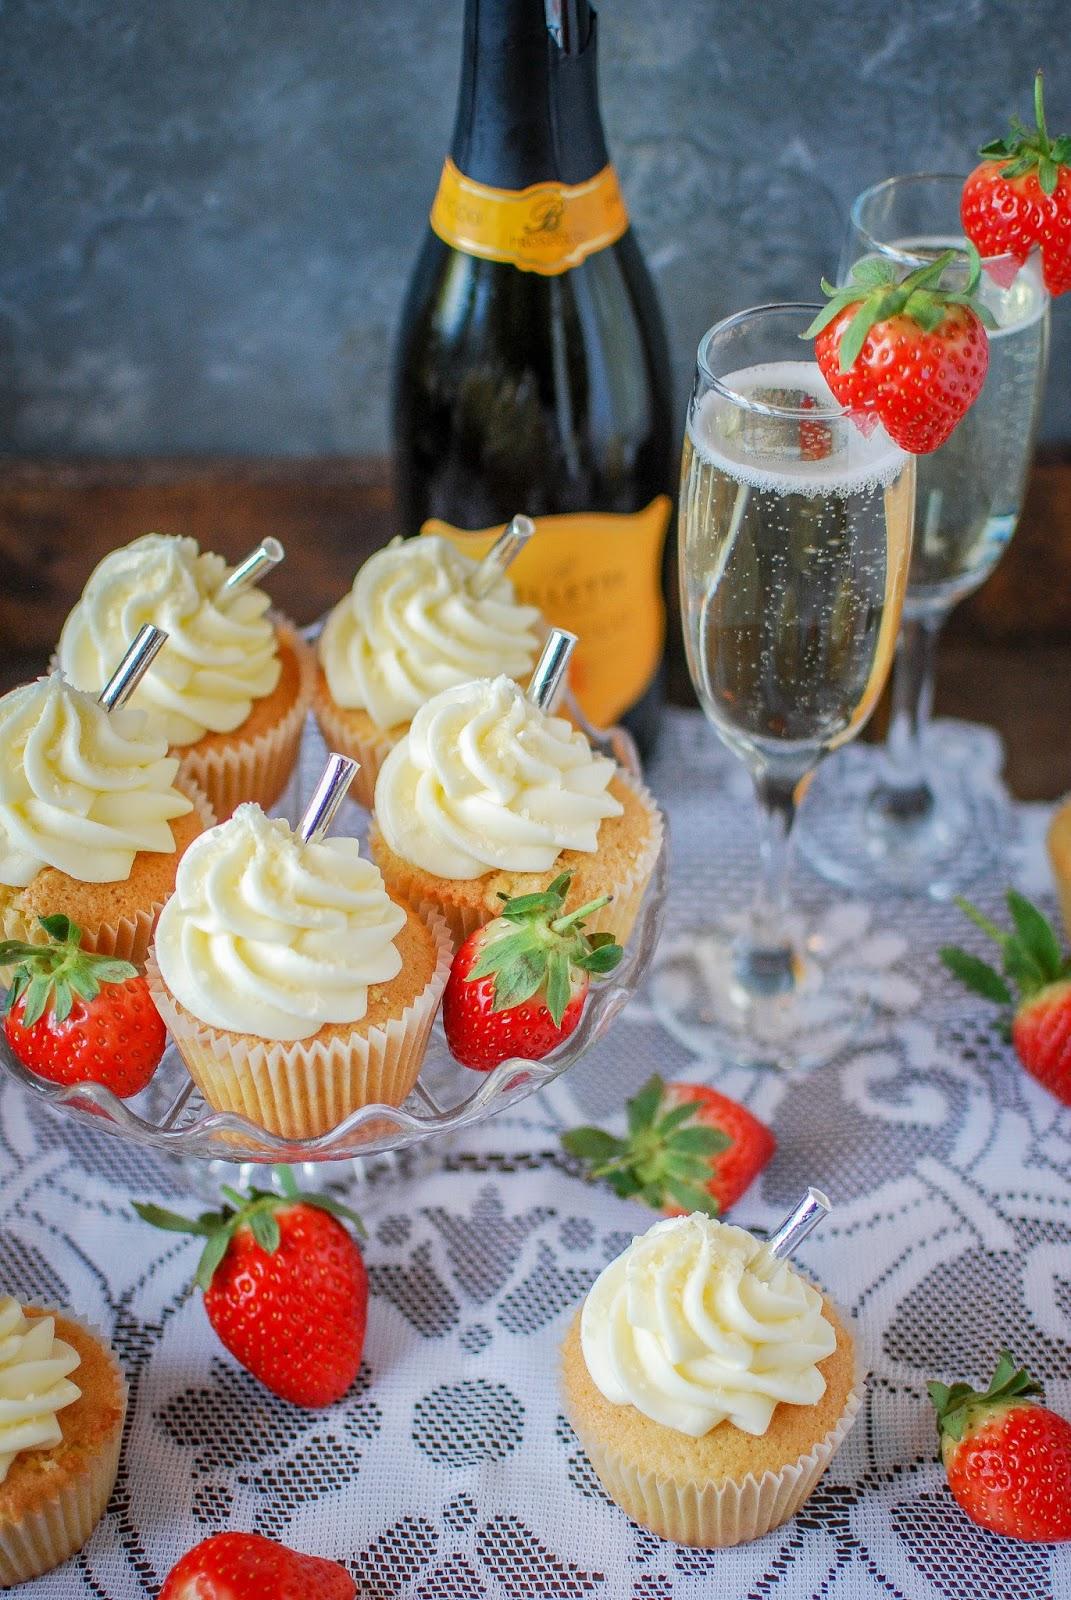 Strawberry Prosecco Cupcakes